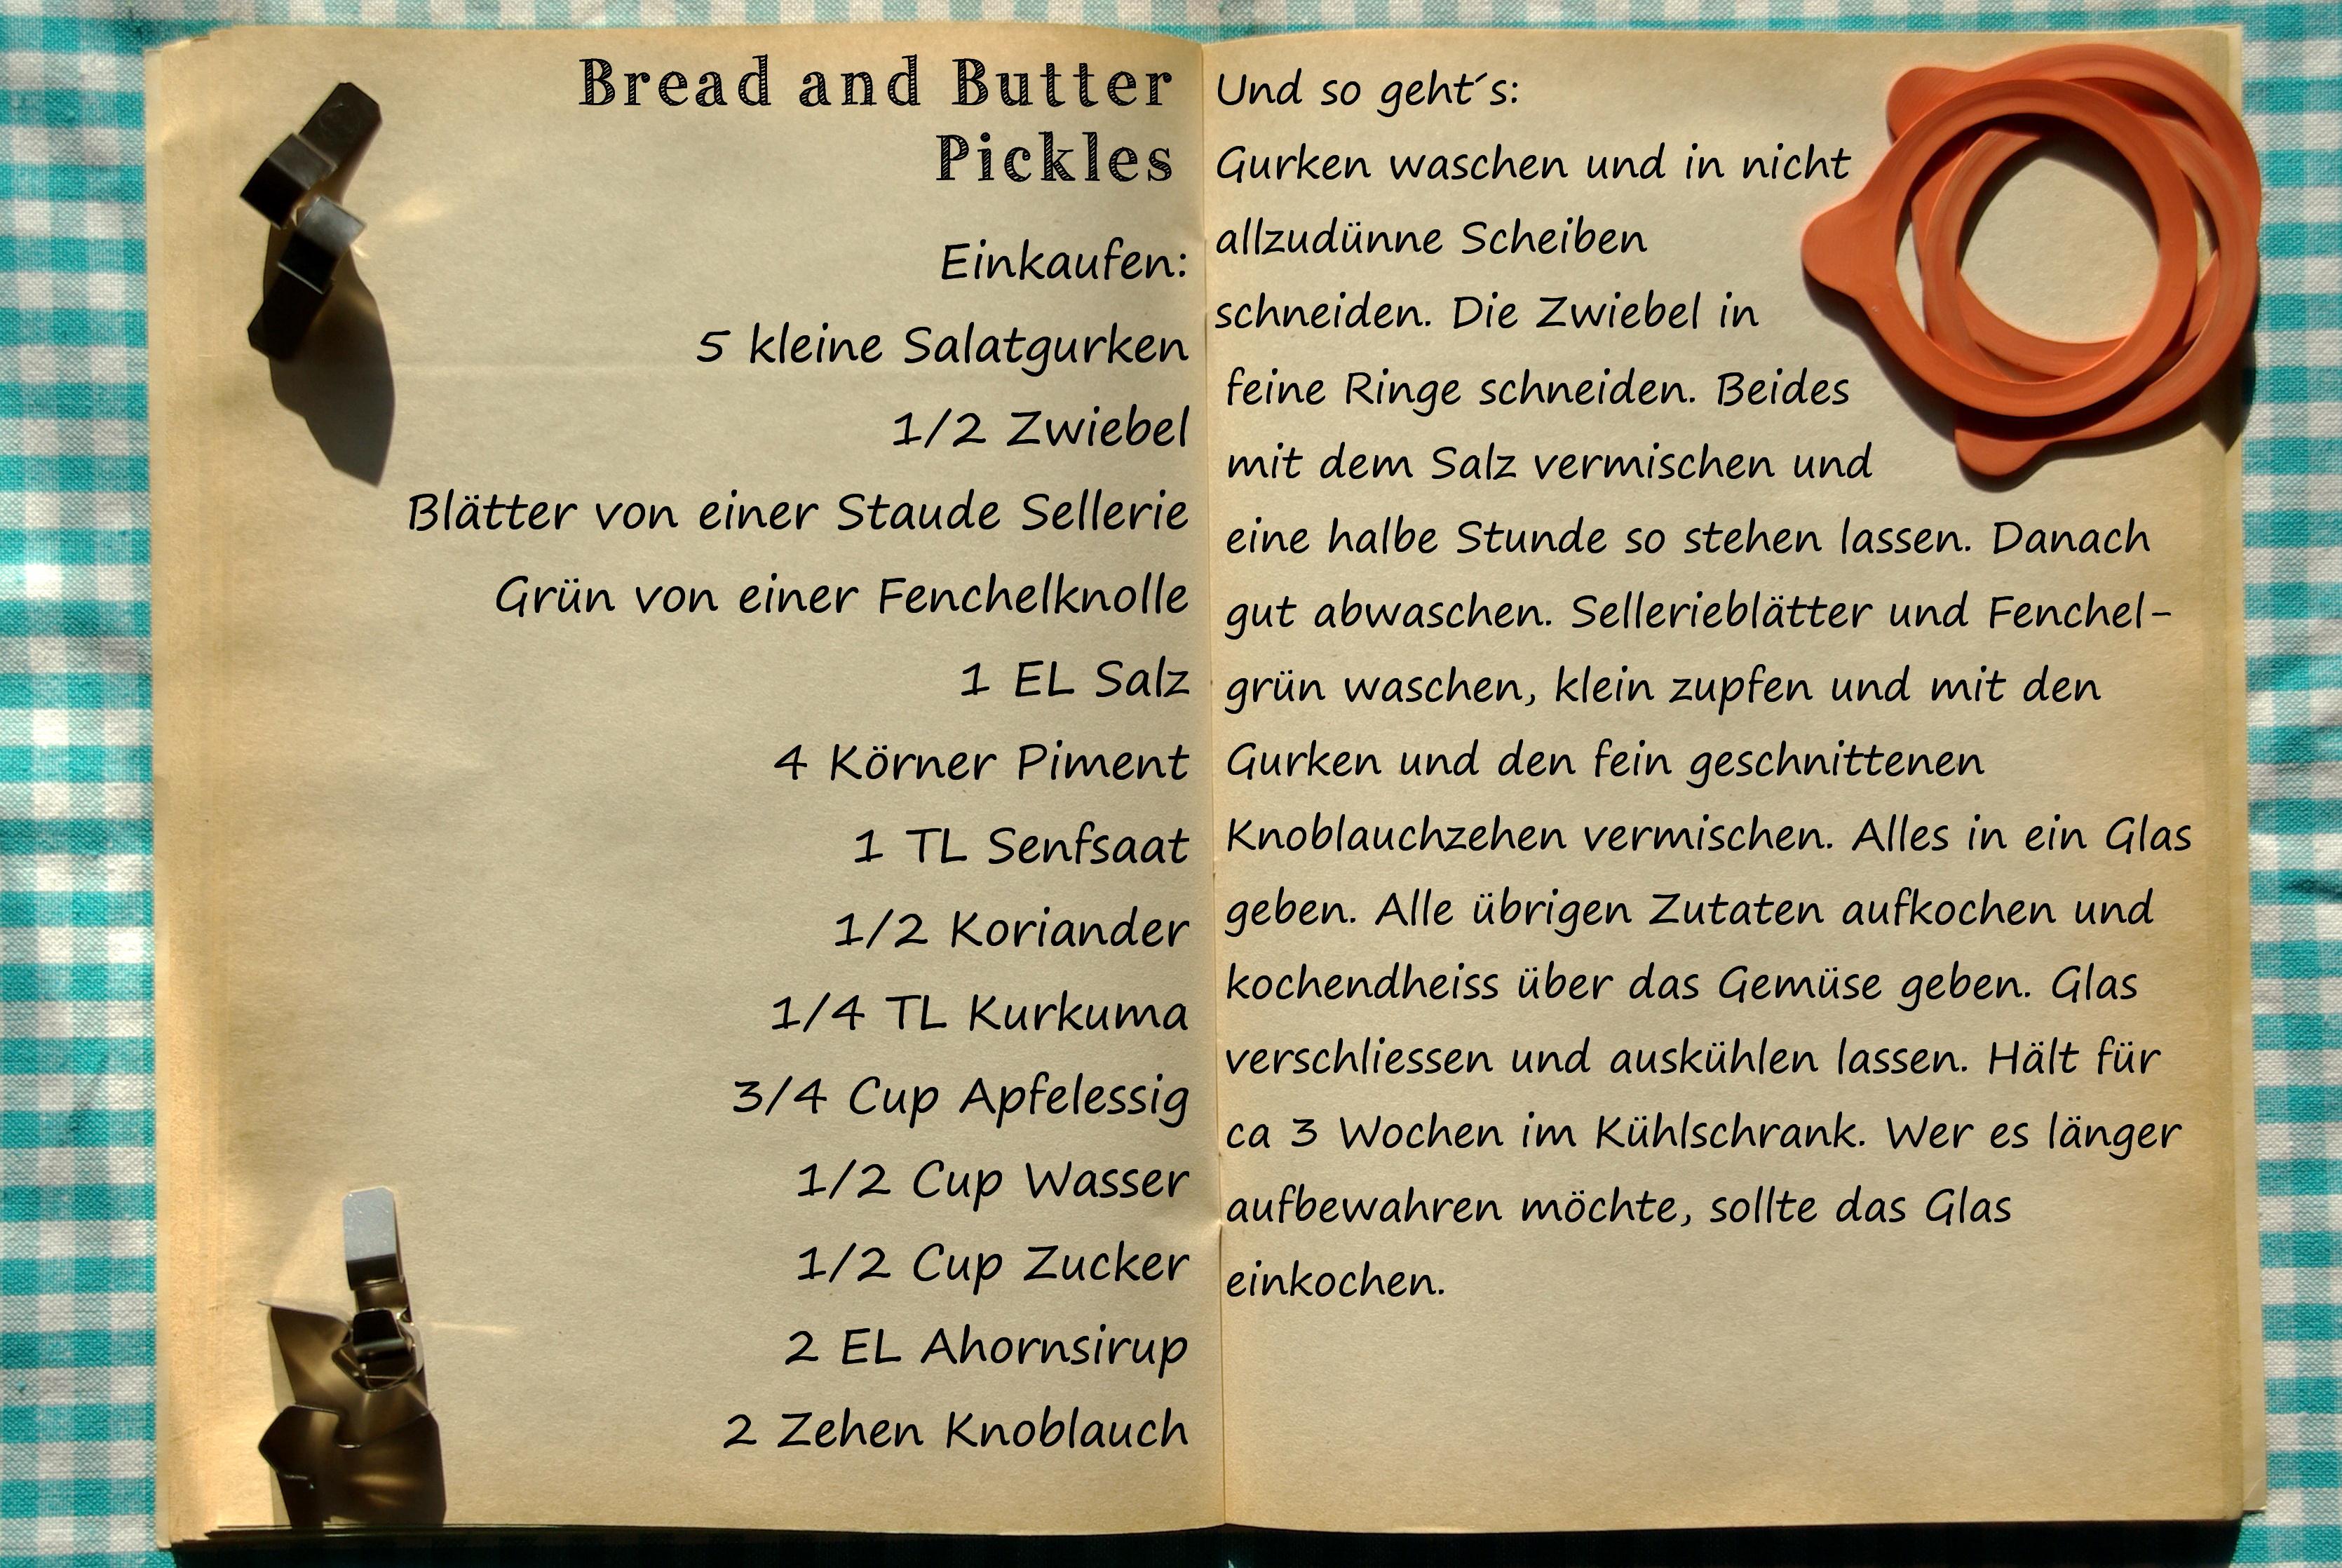 Einkaufszettel Bread and Butter Pickles by Glasgeflüster